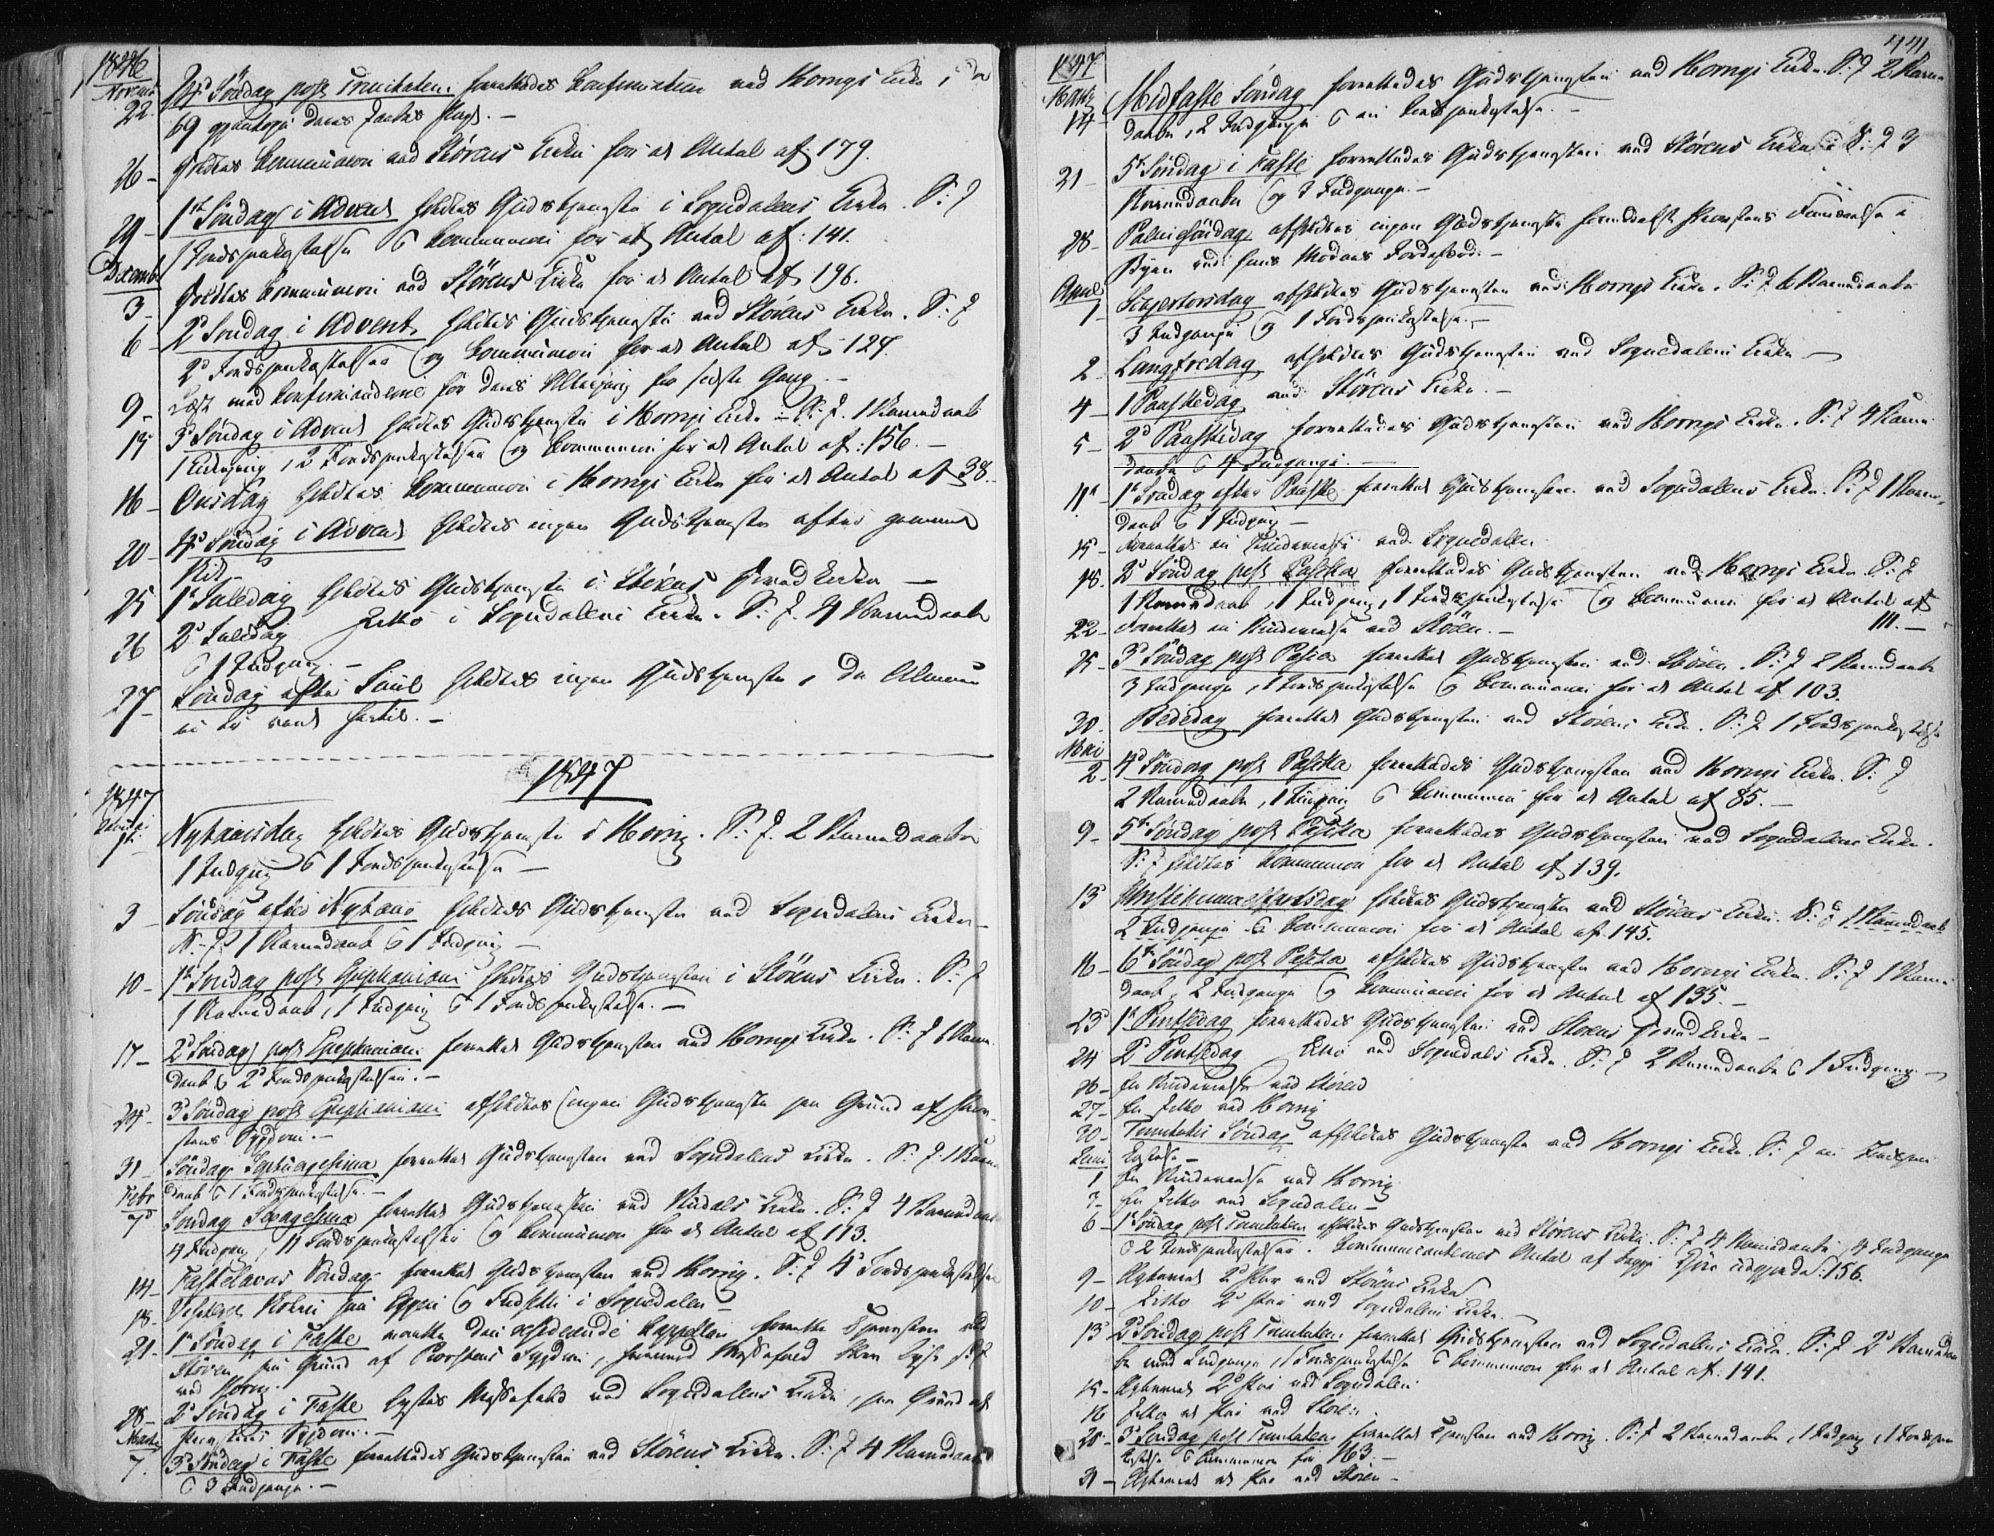 SAT, Ministerialprotokoller, klokkerbøker og fødselsregistre - Sør-Trøndelag, 687/L0997: Ministerialbok nr. 687A05 /1, 1843-1848, s. 441